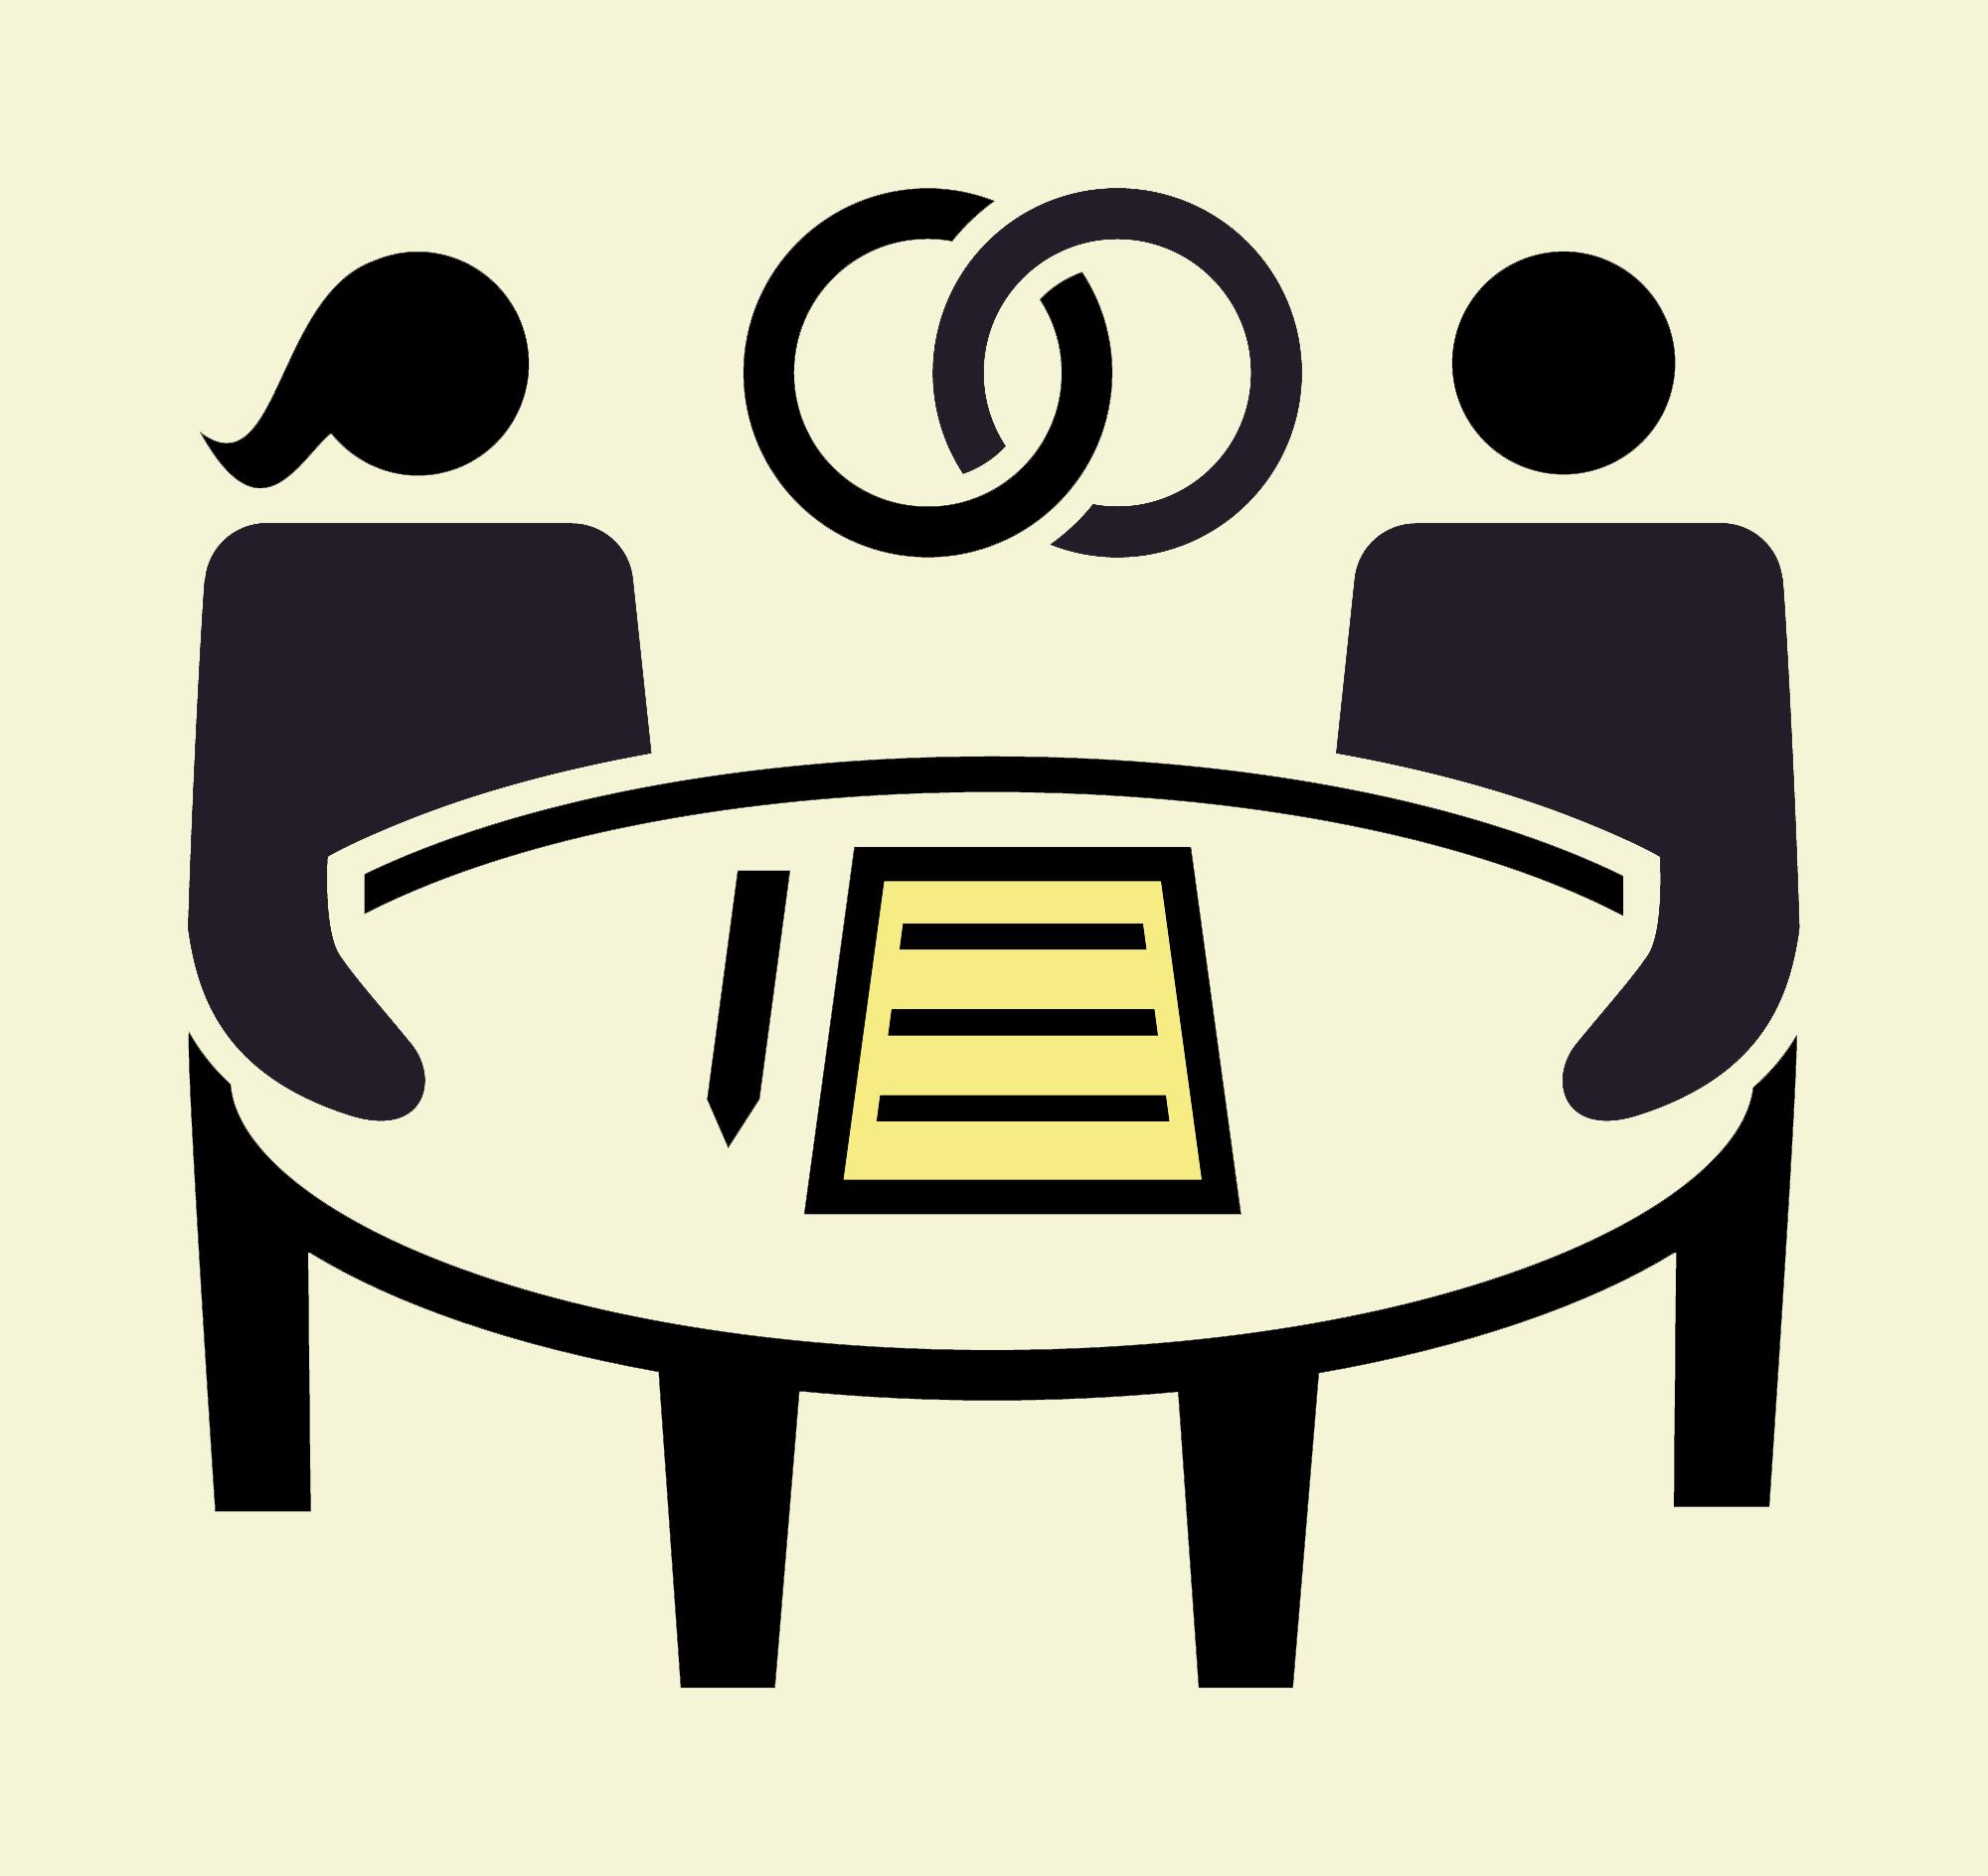 Exploitatie van gemeenschappelijk auteursrecht behoeft instemming van alle rechthebbenden.